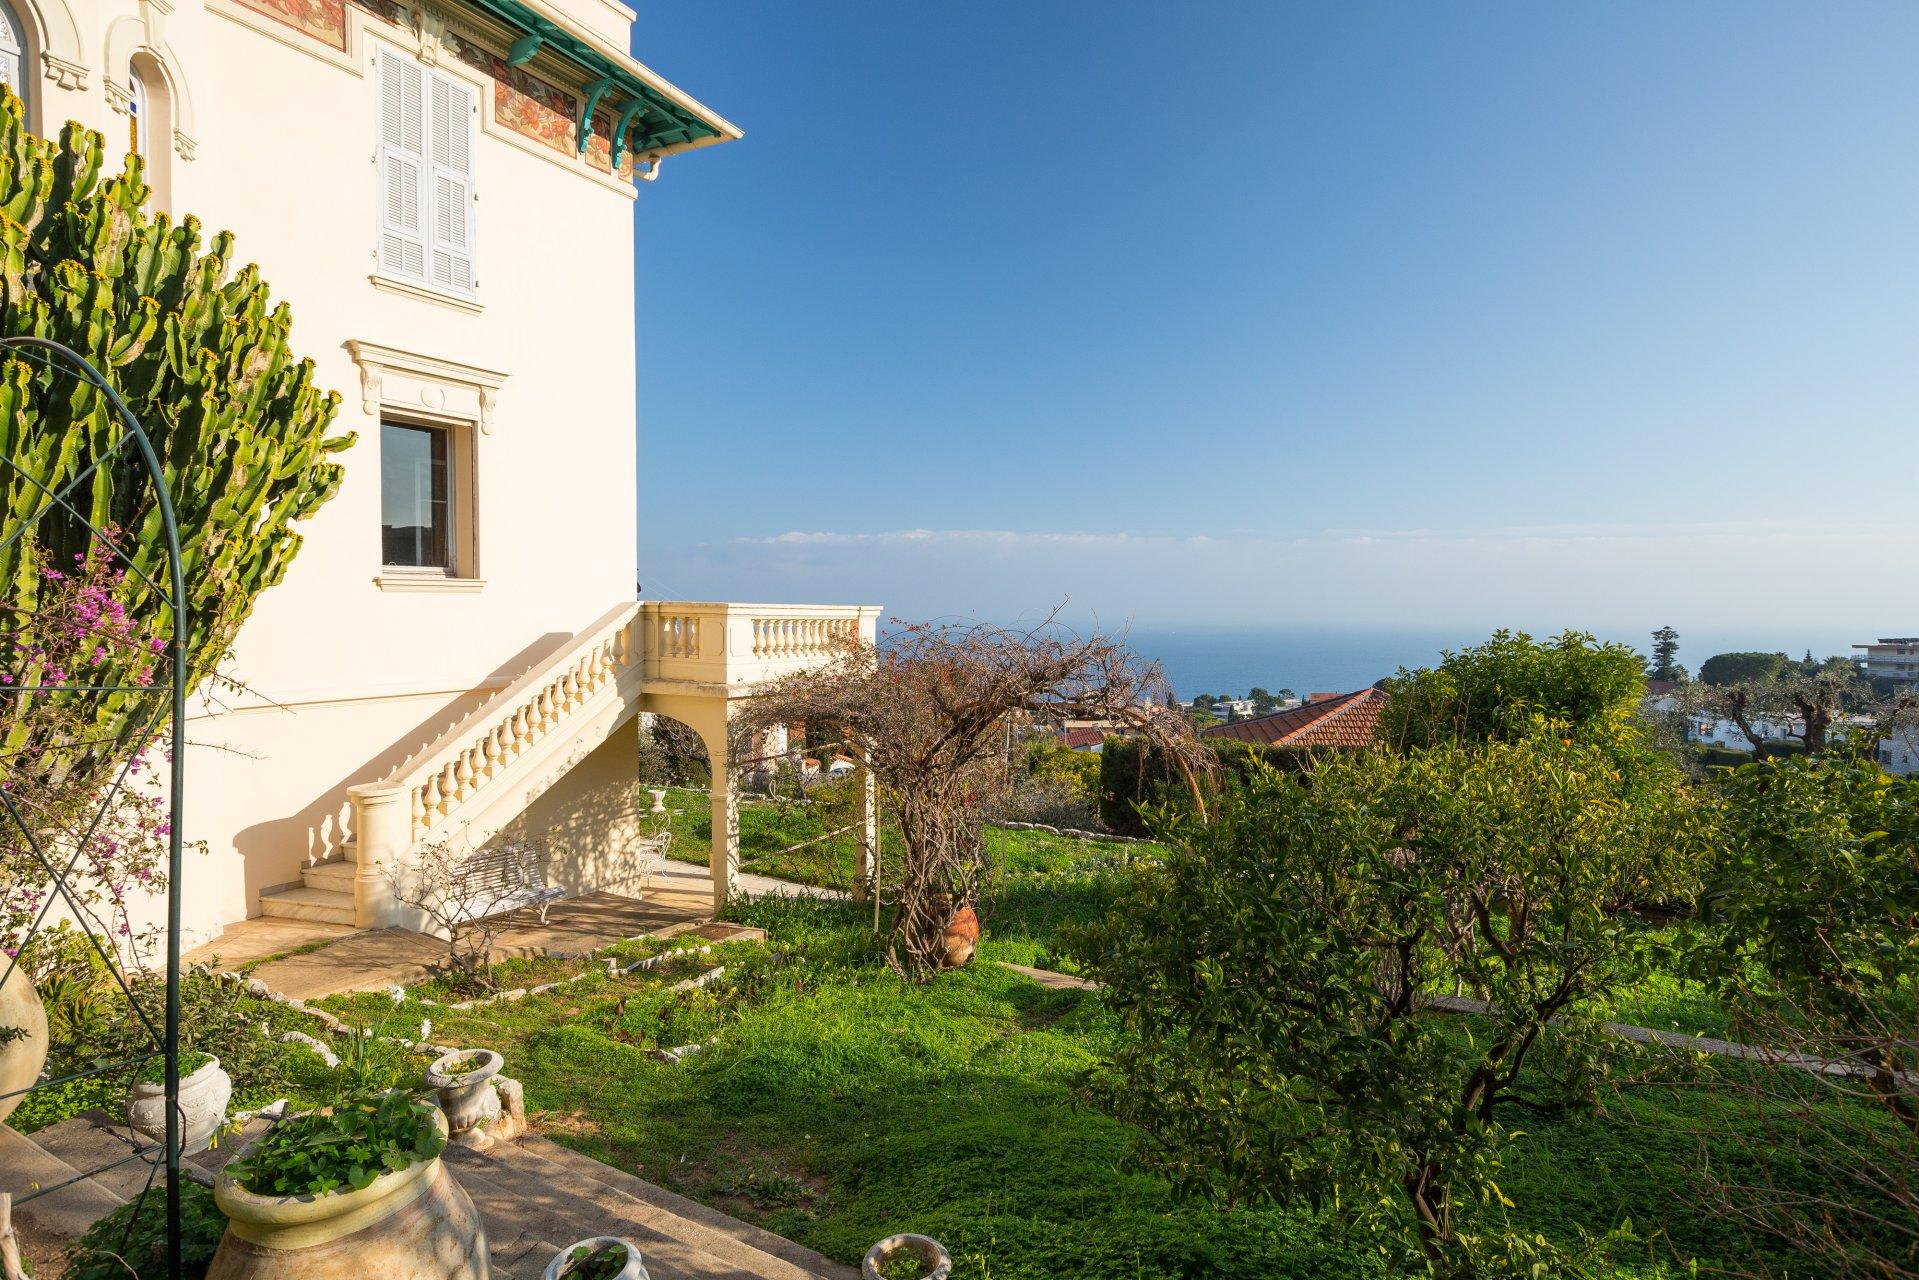 Ad Sale Villa Nice 06300 8 Rooms Ref V1164sj